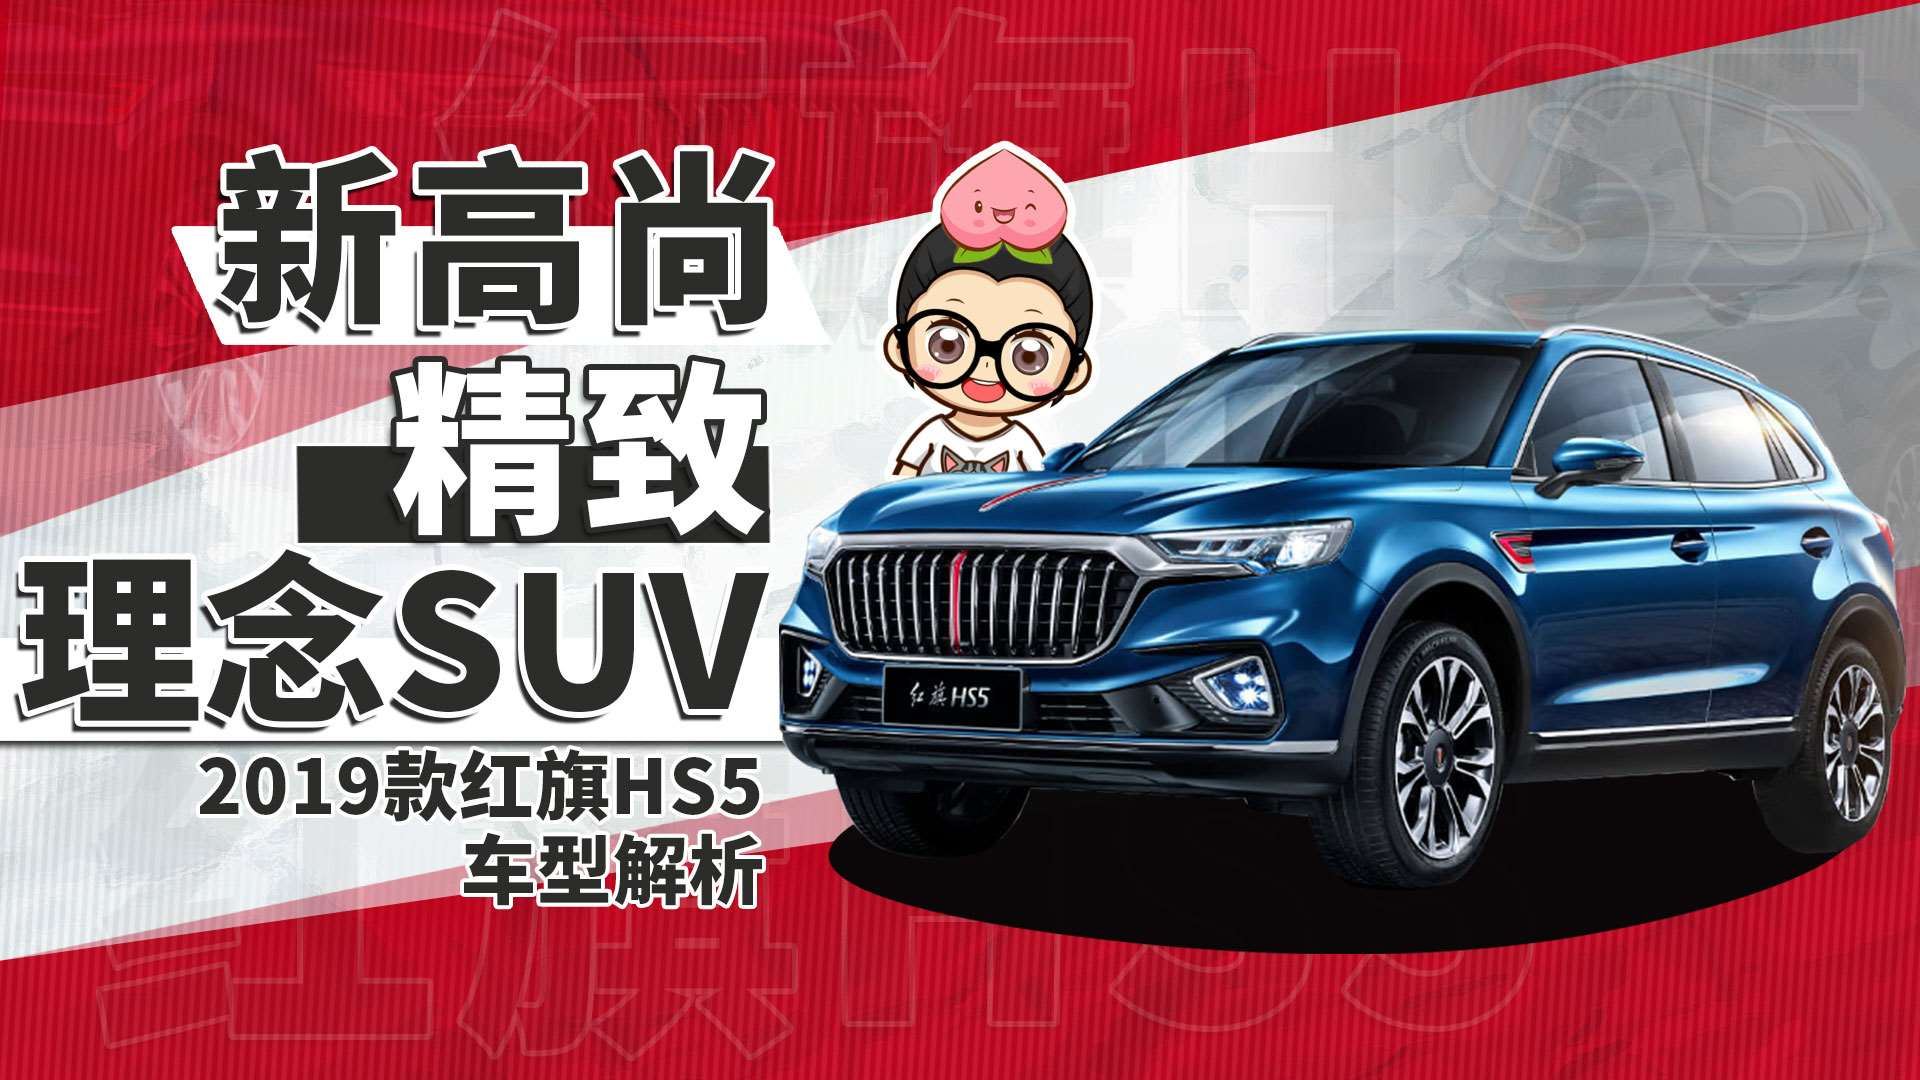 【购车300秒】新高尚精致理念SUV 2019款红旗HS5车型解析